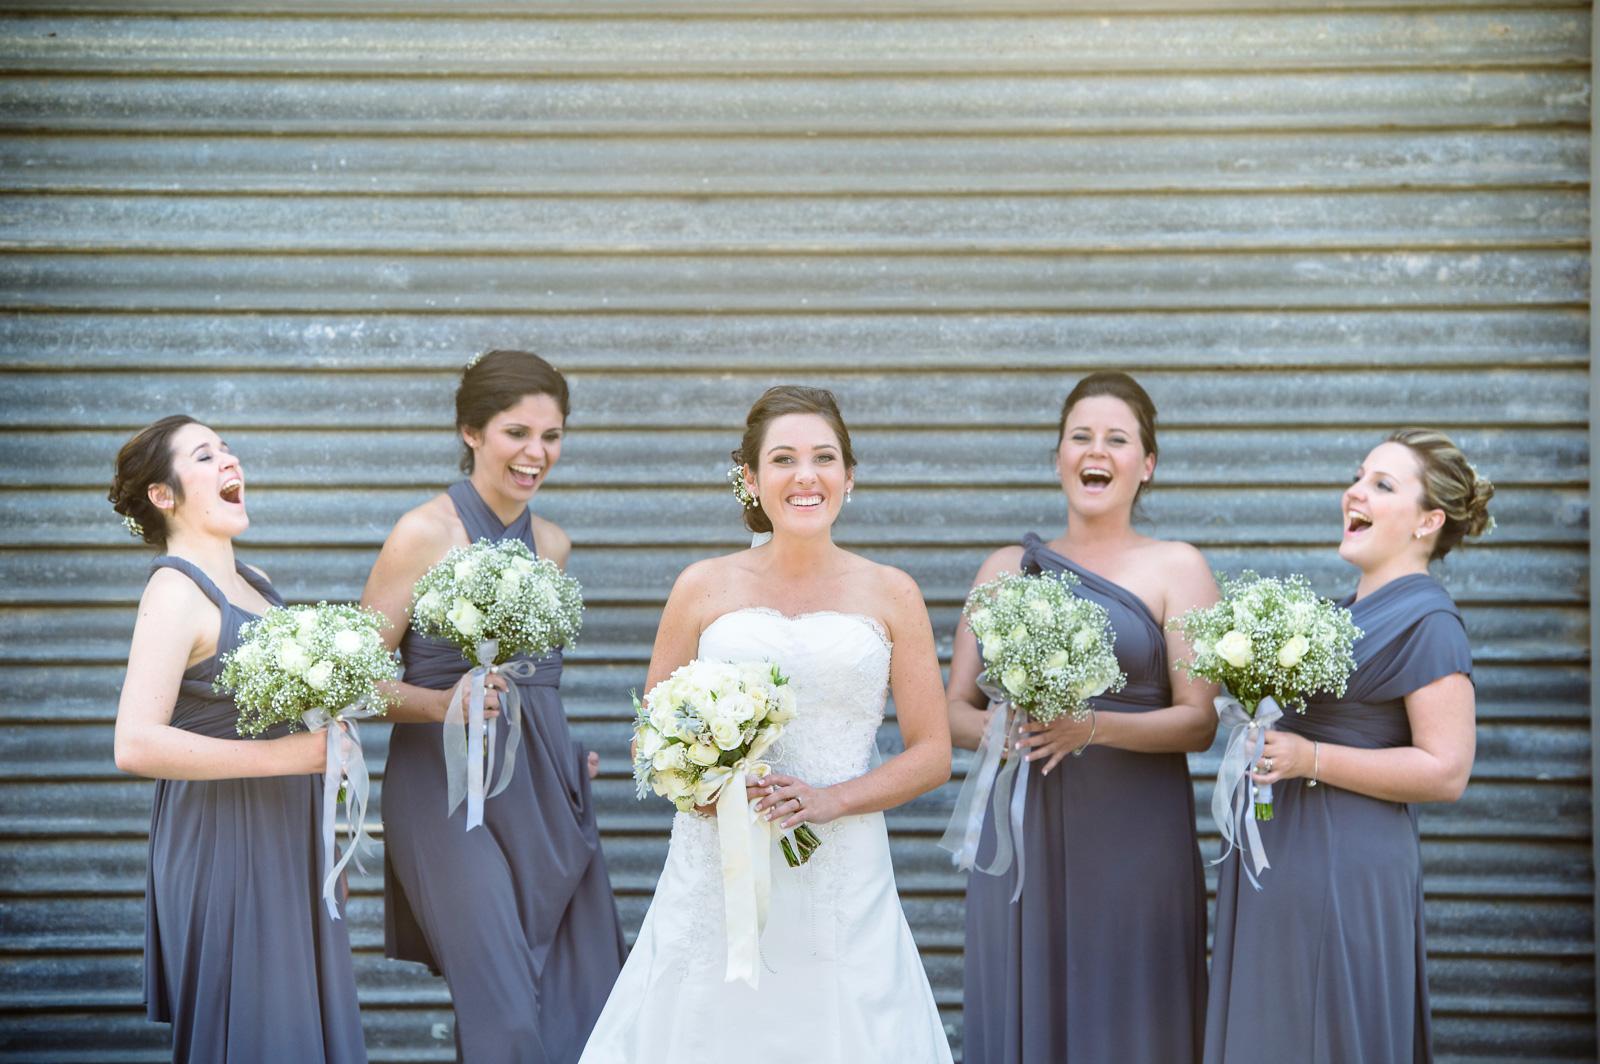 bride with bridesmaids in grey